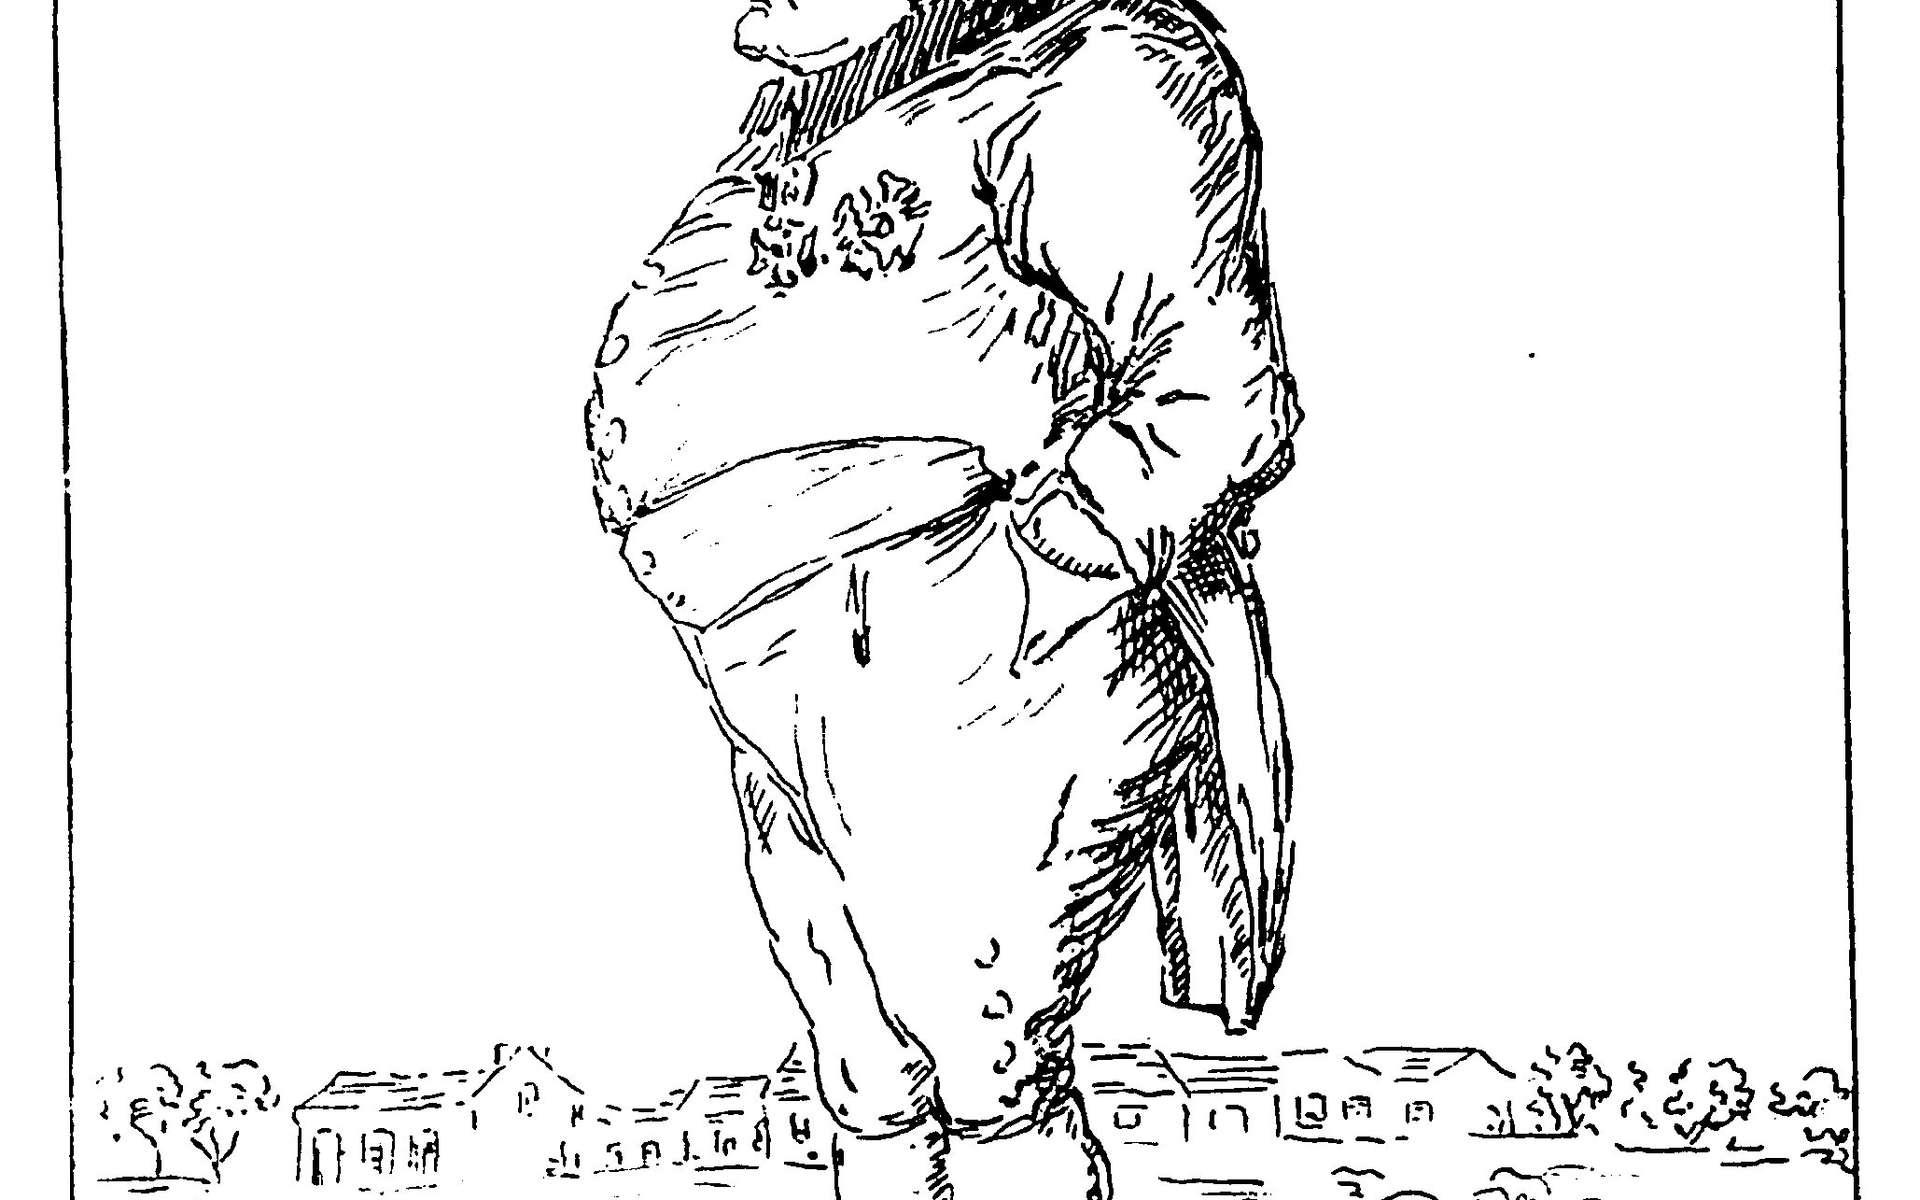 Ce dessin anonyme de Napoléon à Sainte-Hélène, réalisé le 5 juin 1820, traduit le petit moral de l'Empereur. © Kirtap, Wikimedia Commons, Domaine public